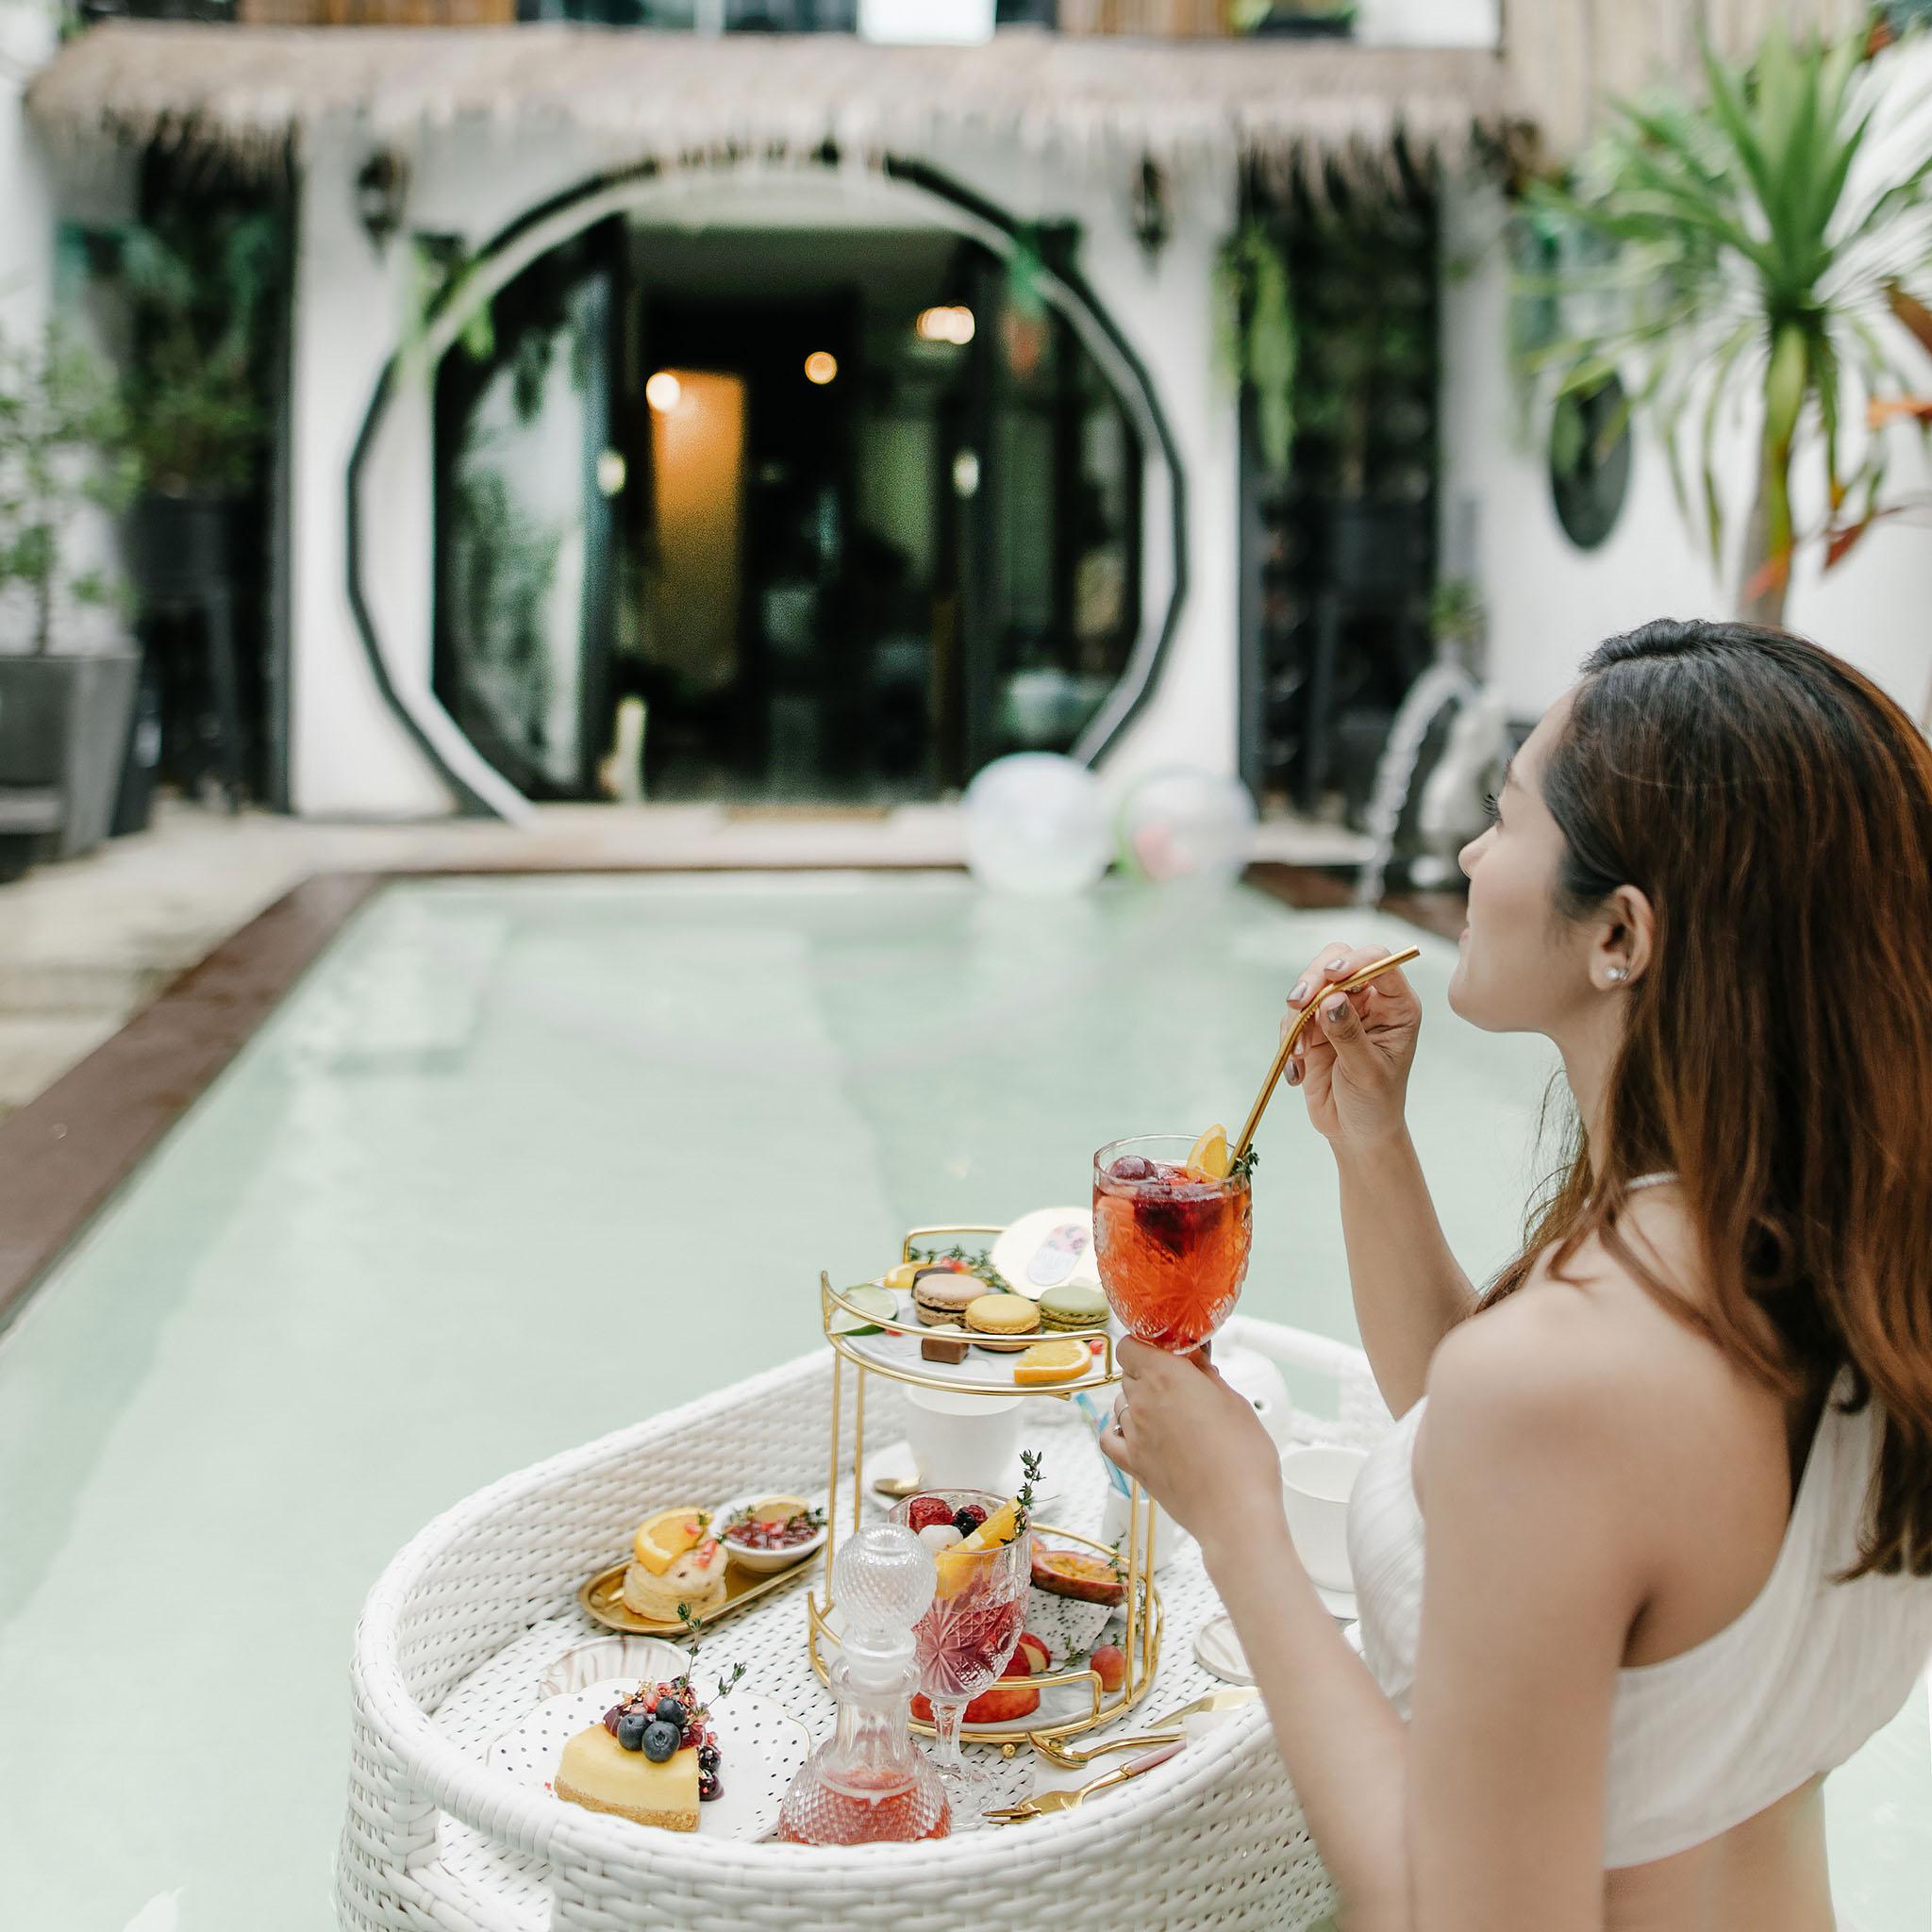 อาหารลอยน้ำหรู บอกเลยว่าจัดมาสวยแบบโรงแรม4-5-ดาวเลยครับ-แถมรสชาติทั้งเบเกอรี่-อาหาร-และเครื่องดื่มอร่อยด้วยน้าา-ฟินในฟิน ที่พักภูเก็ตเมืองเก่า,ชิโนโปรตุกีส,ที่พักเมืองเก่า